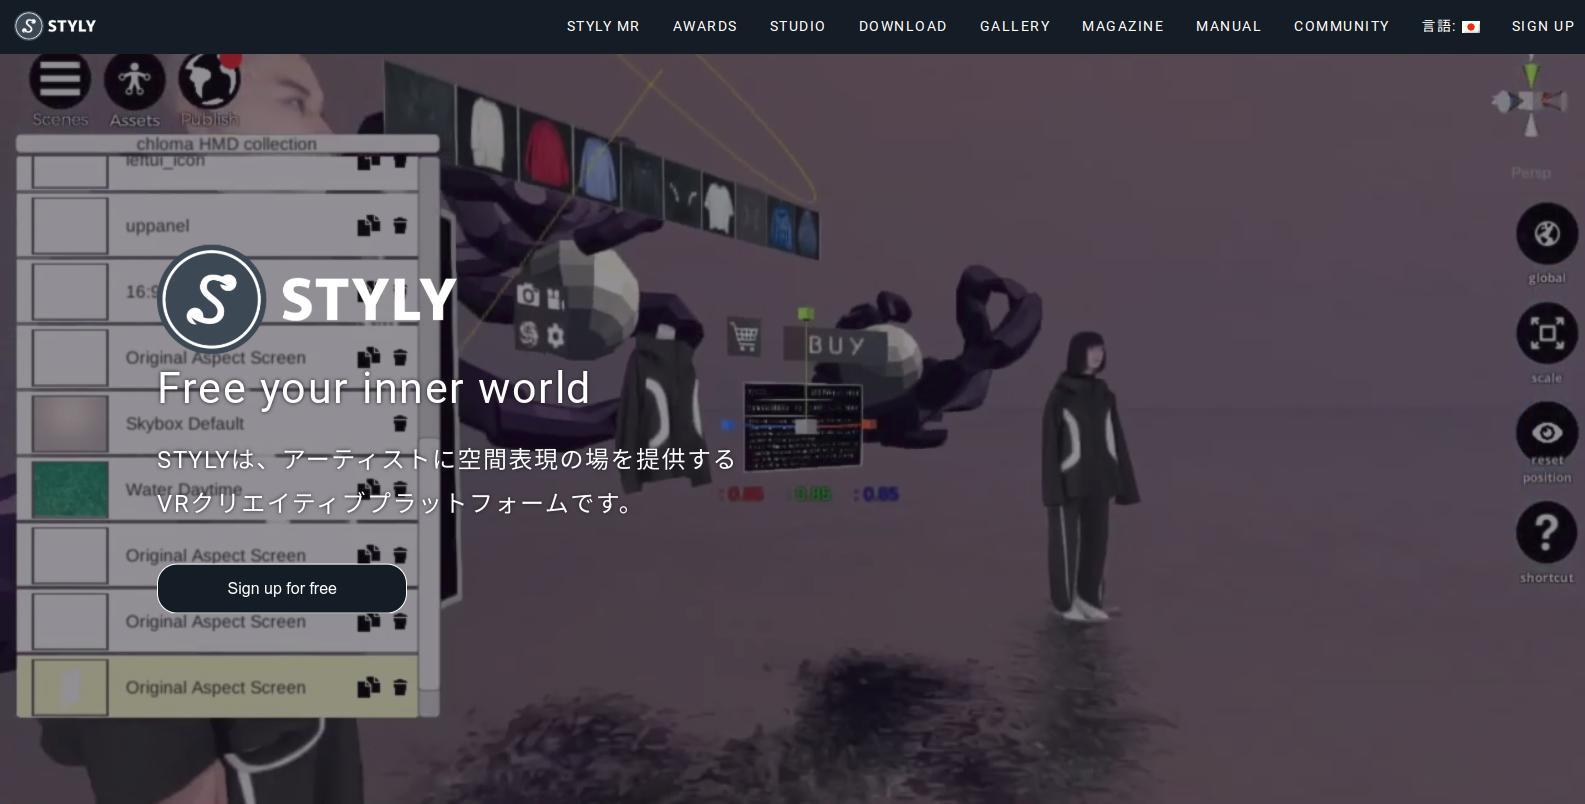 VRオンラインWebアプリ STYLY